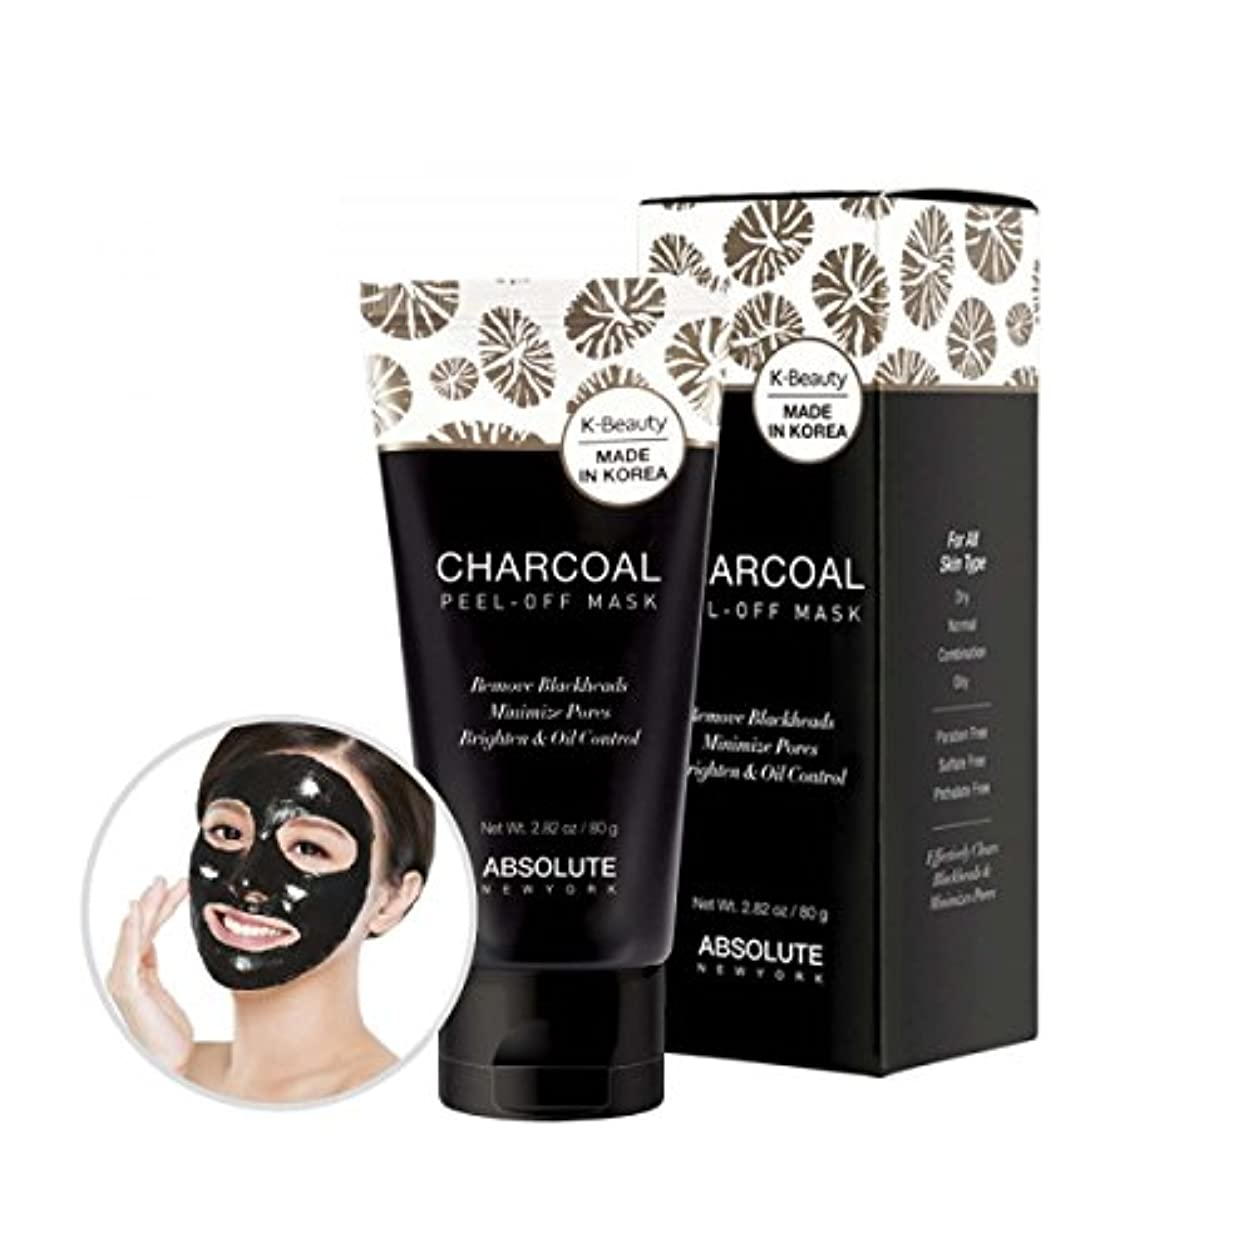 誠実さロバ文献(3 Pack) ABSOLUTE Charcoal Peel-Off Mask (並行輸入品)